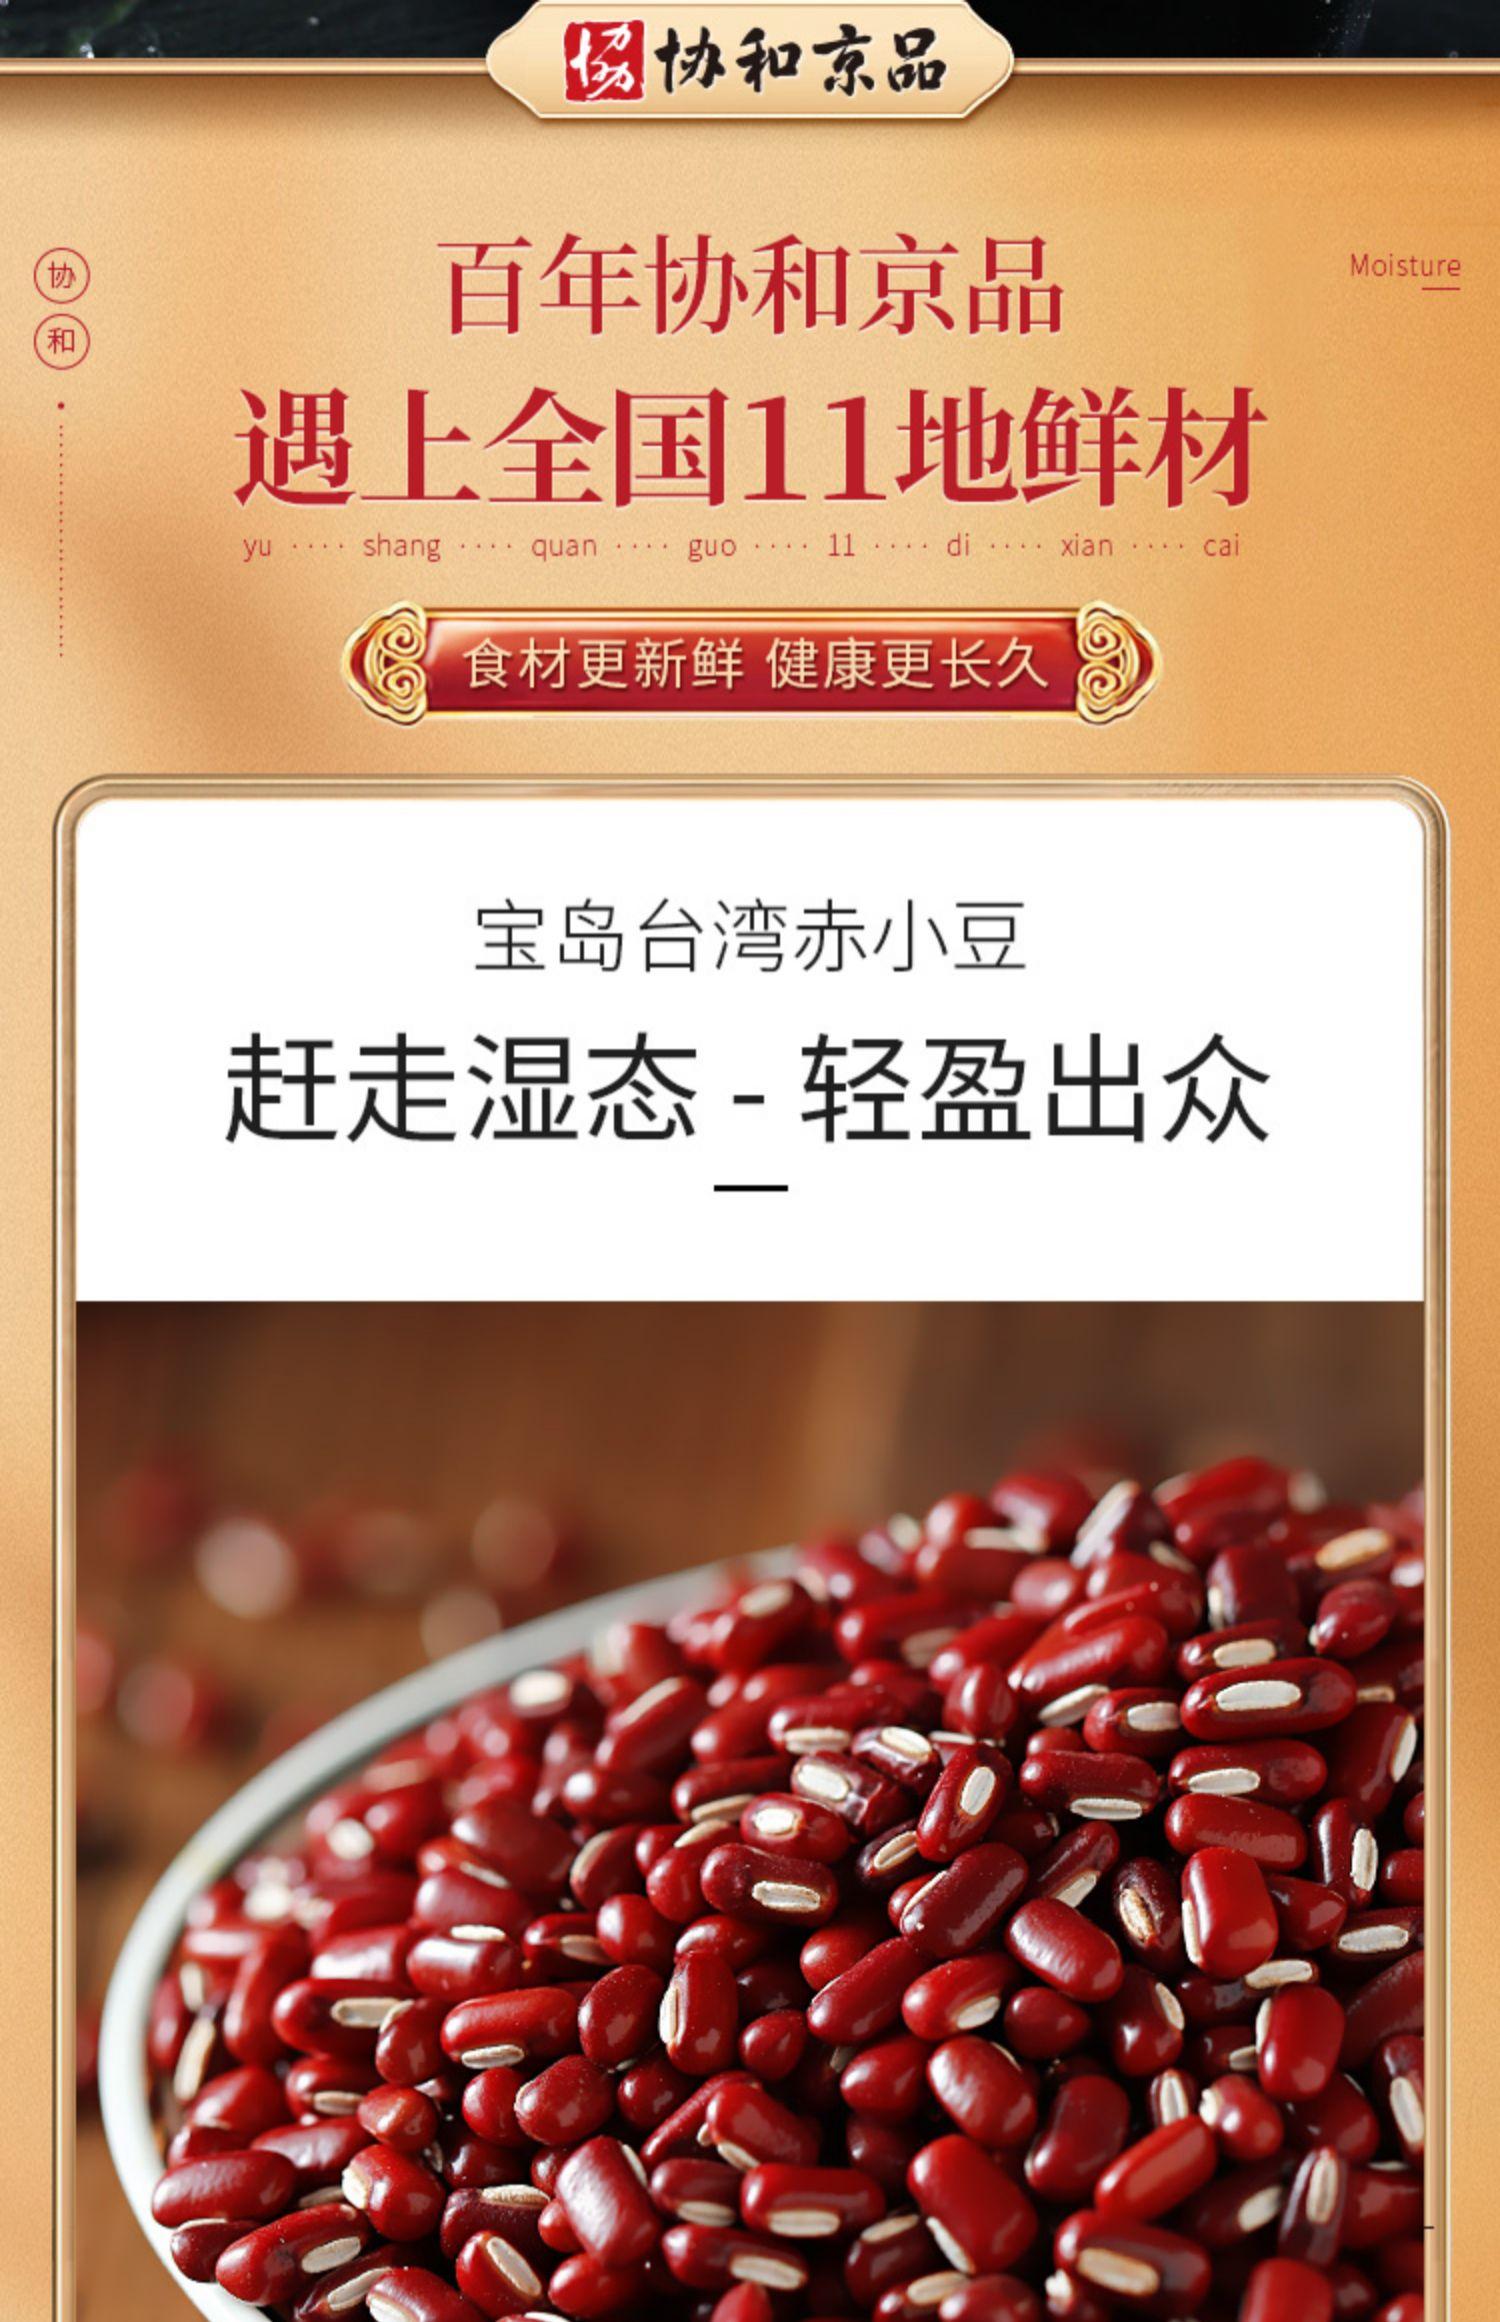 红豆薏米芡实茶正品官方旗舰店茶包